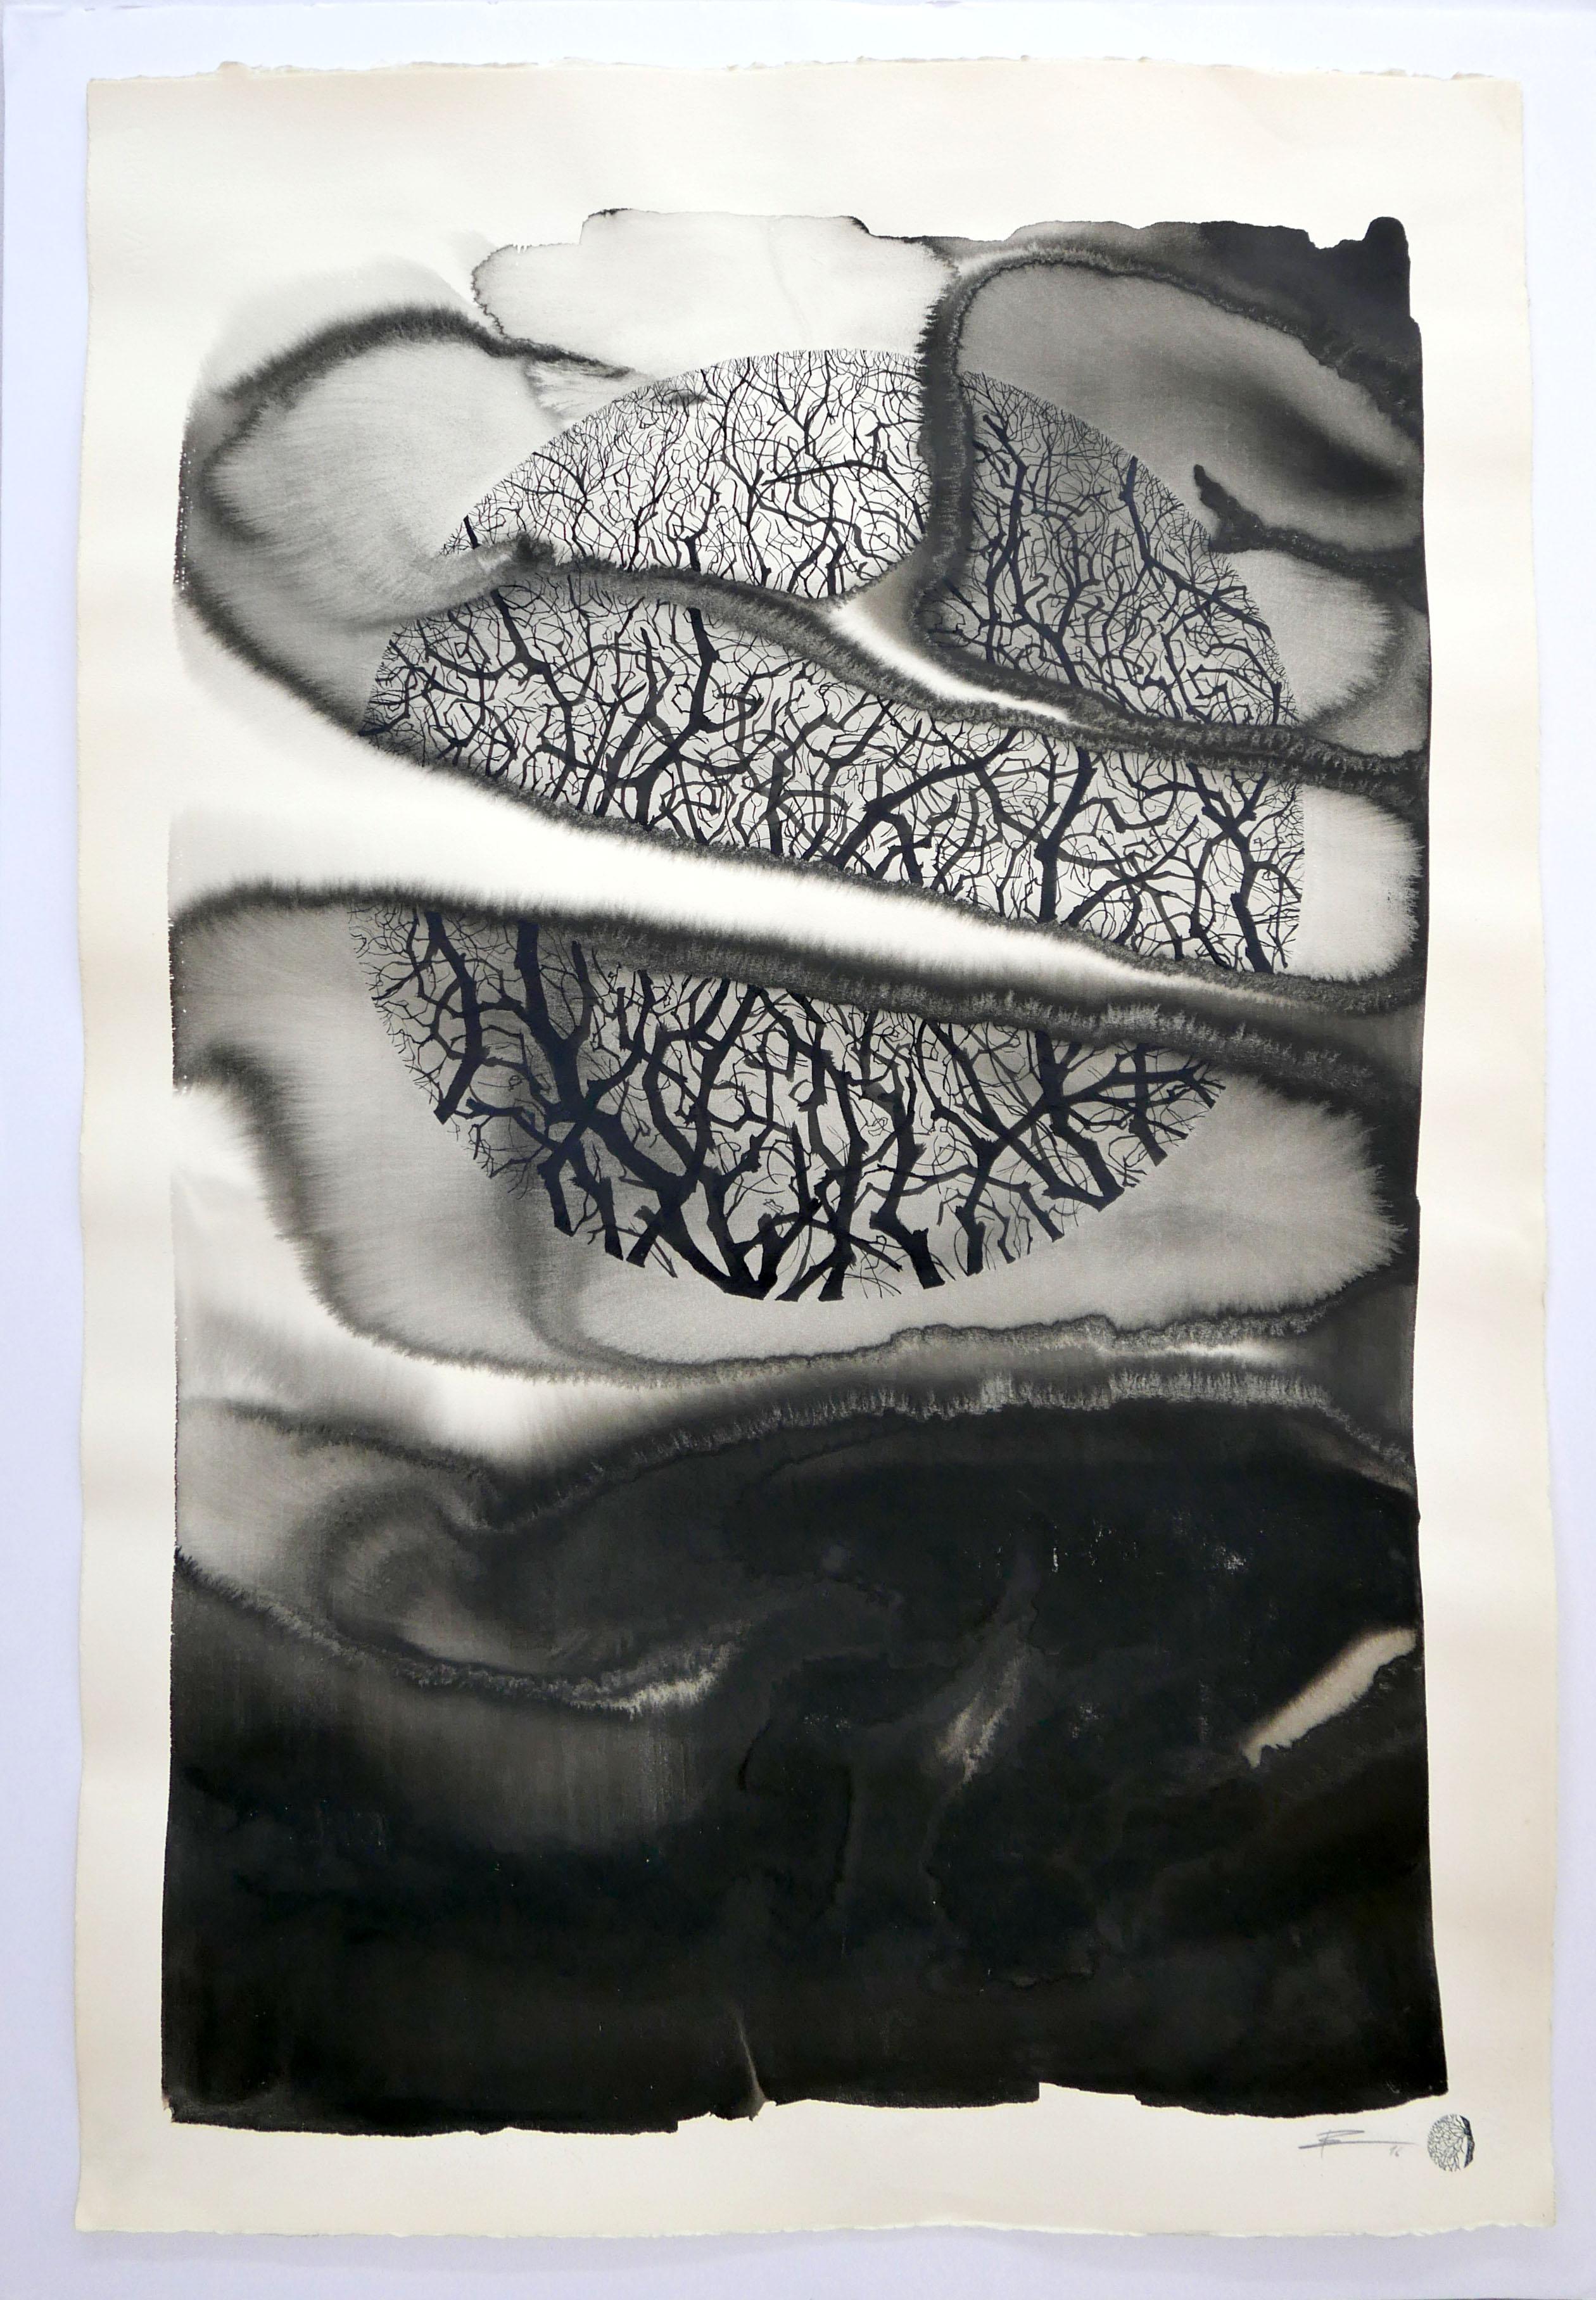 pablo s herrero_Sin título_Técnica mixta sobre papel_102 x 78 cm_2106